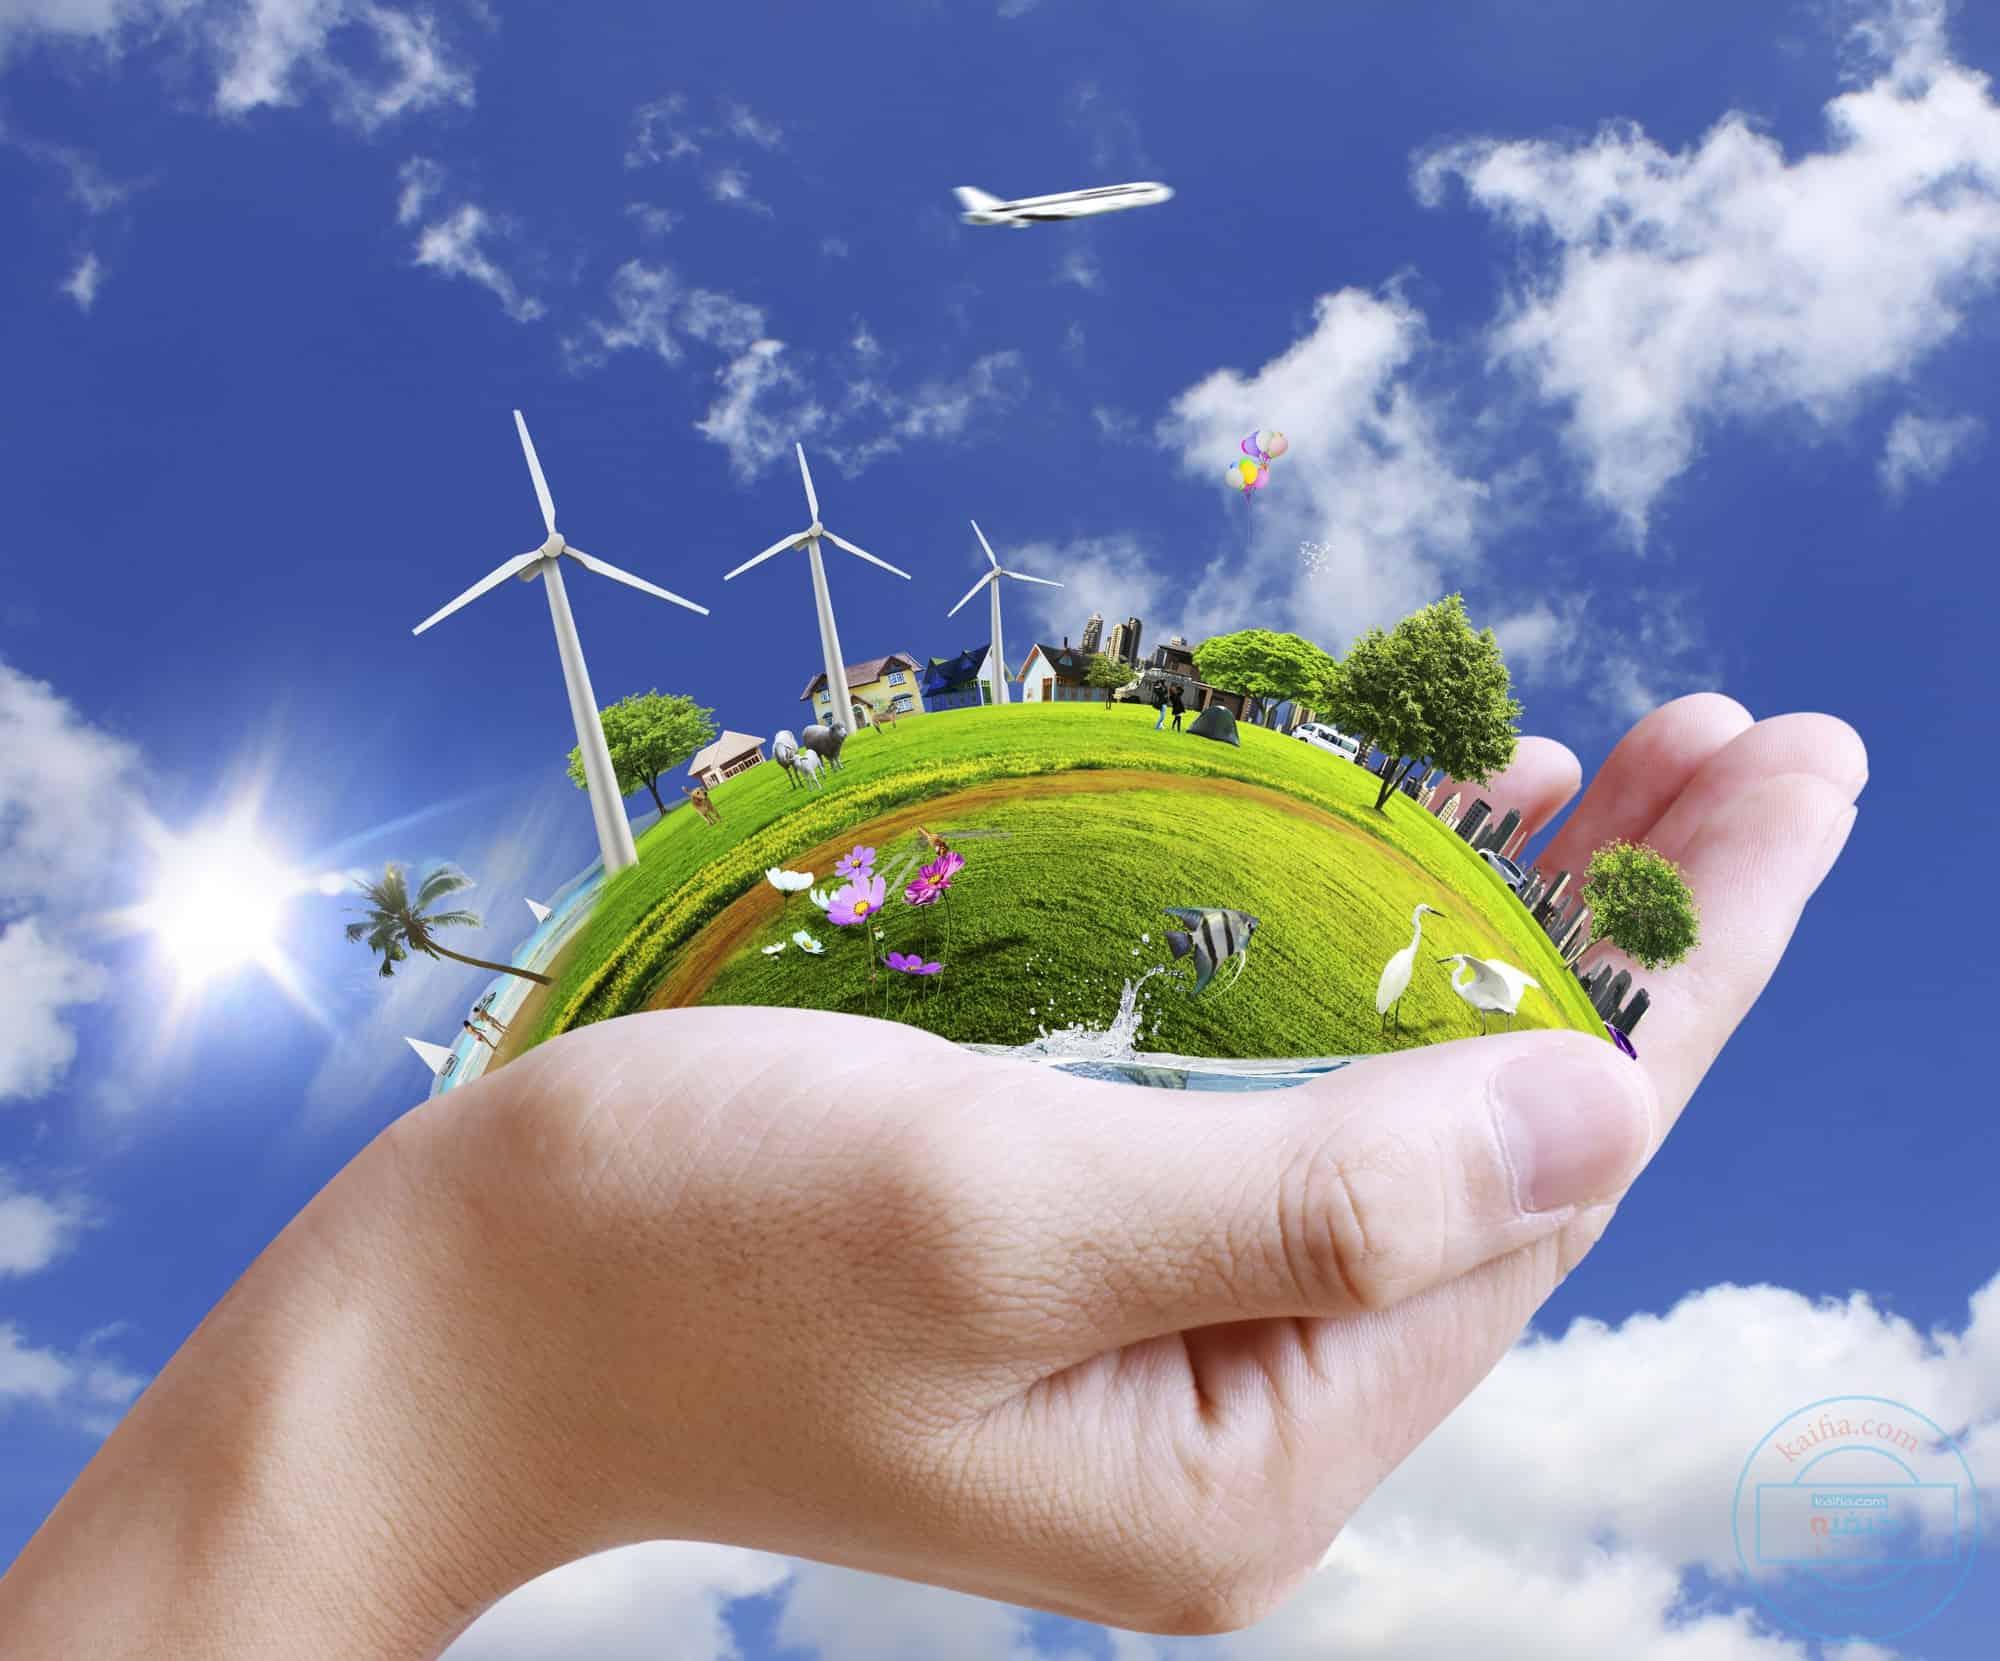 بحث عن المحافظة على البيئة موسوعة